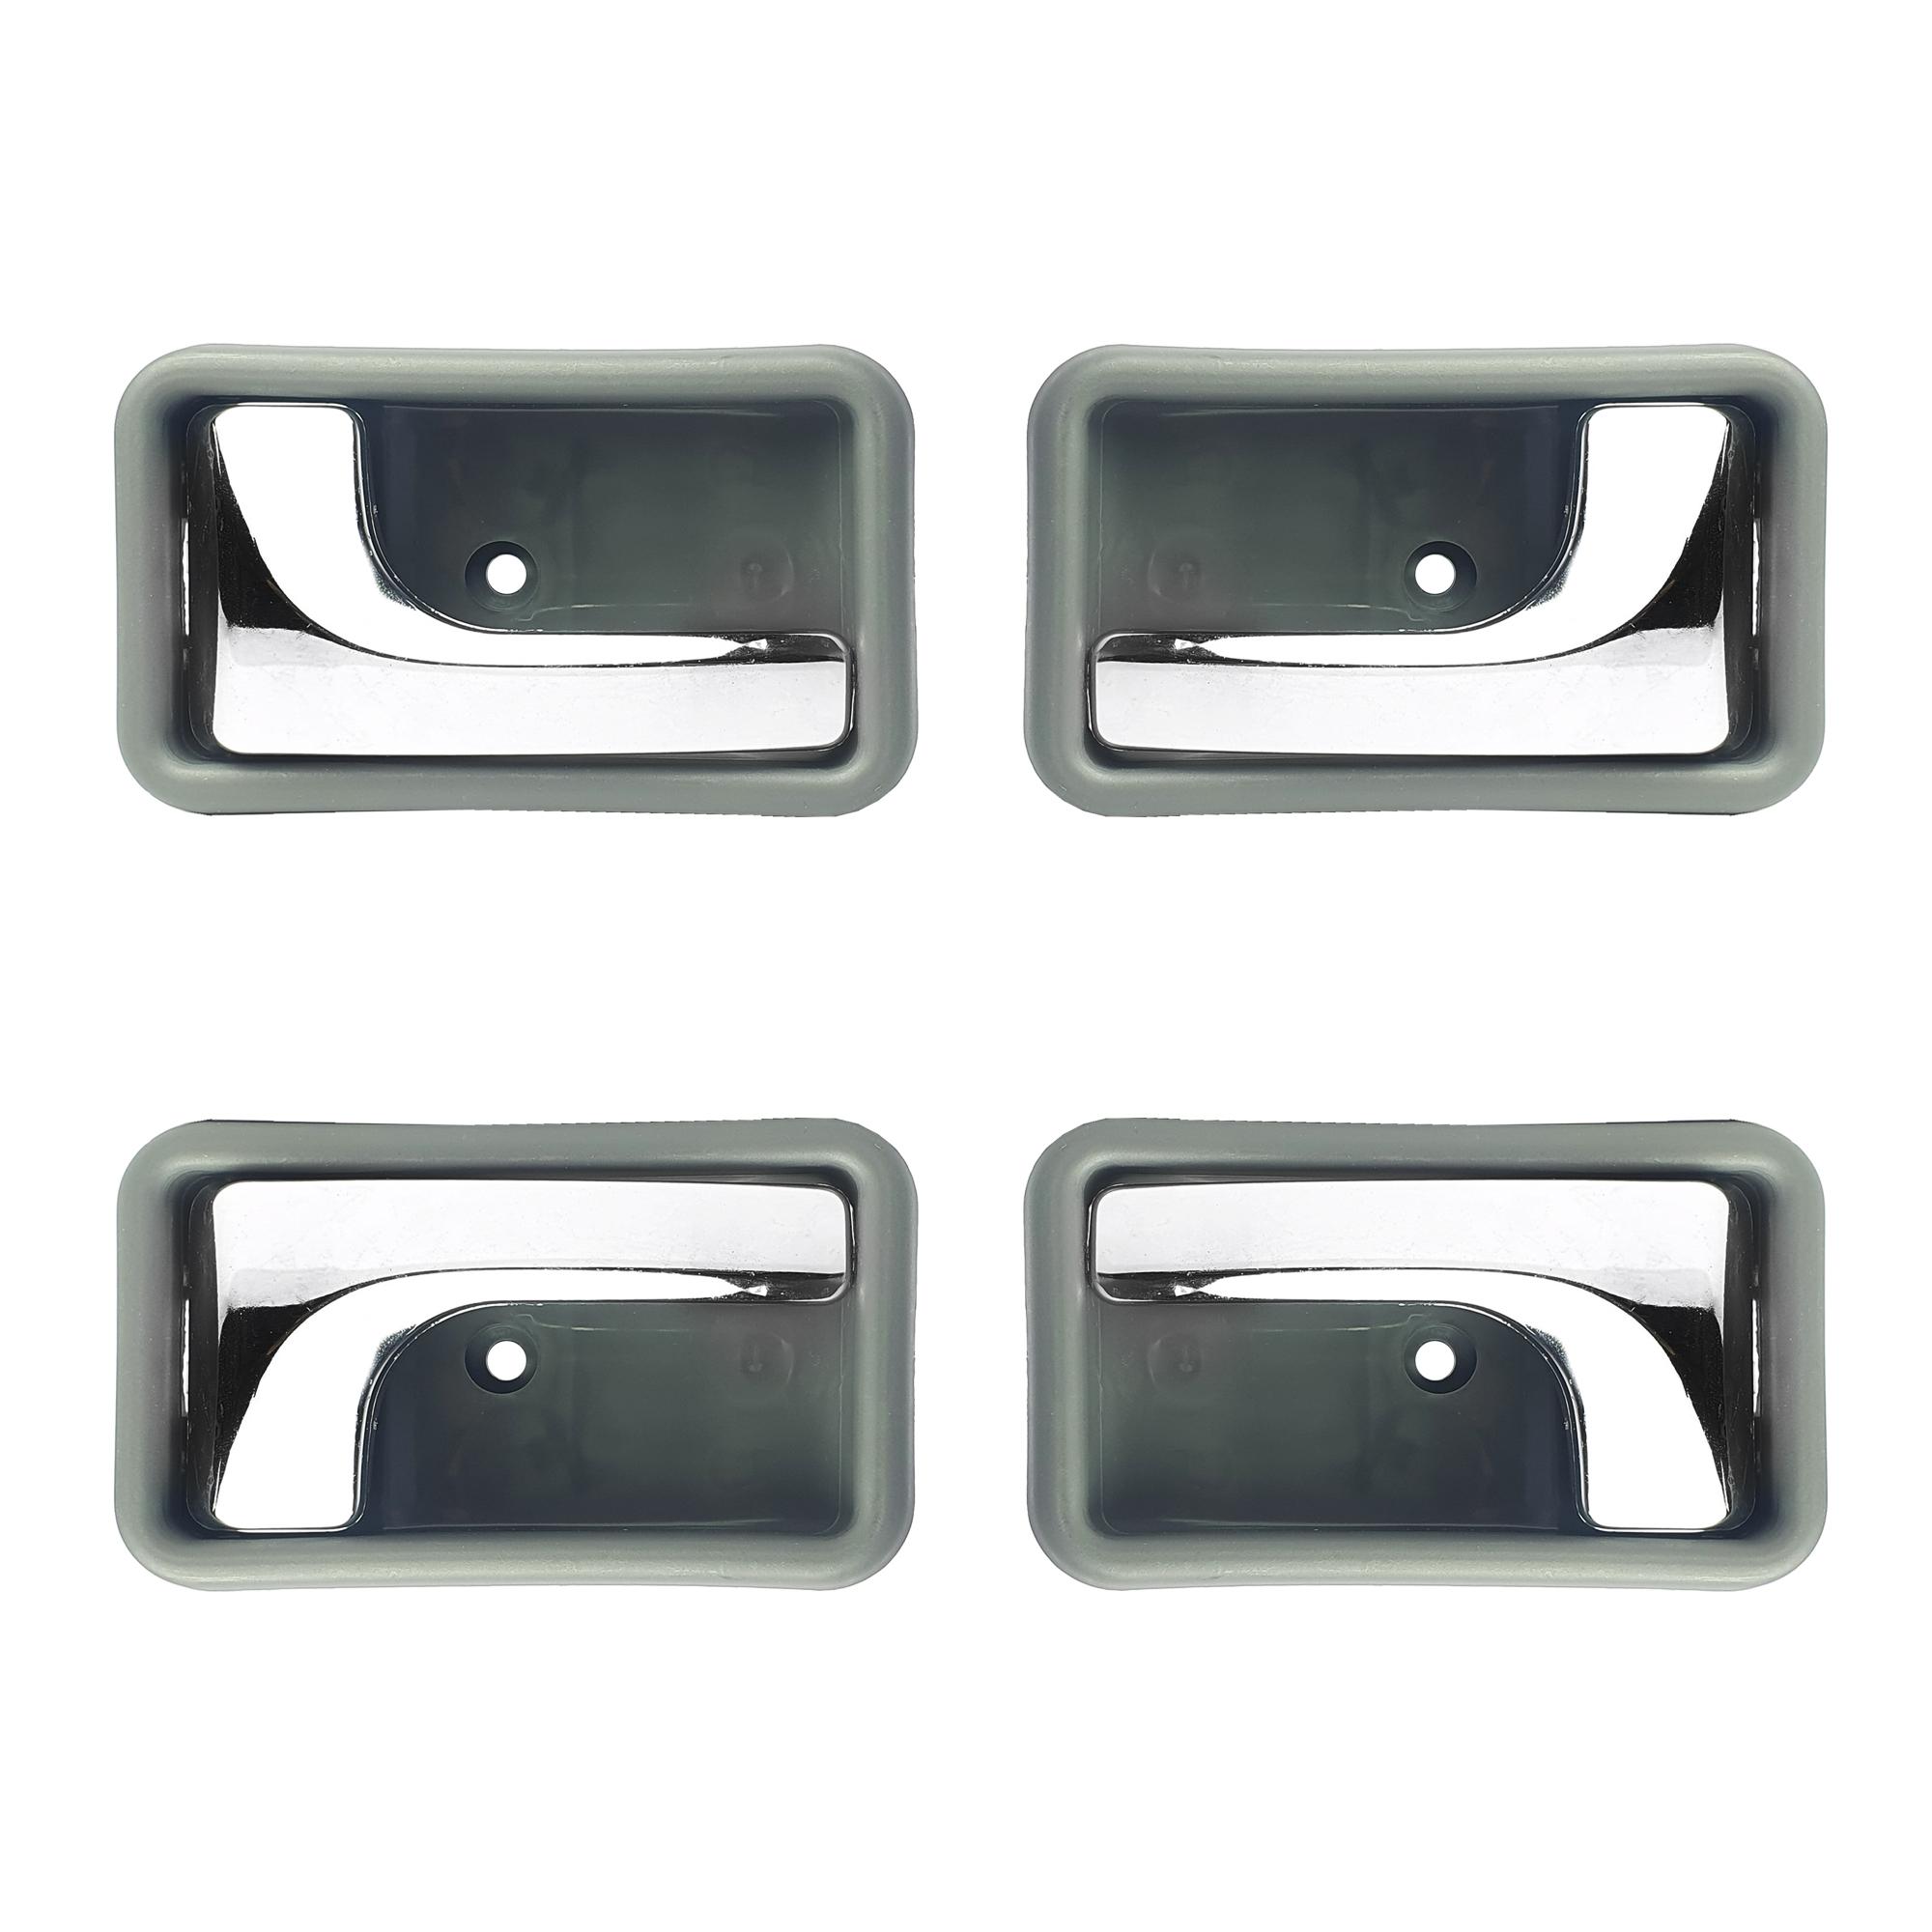 دستگیره داخلی در خودرو آذرپارت مدل کروم مناسب برای پراید صبا بسته 4 عددی